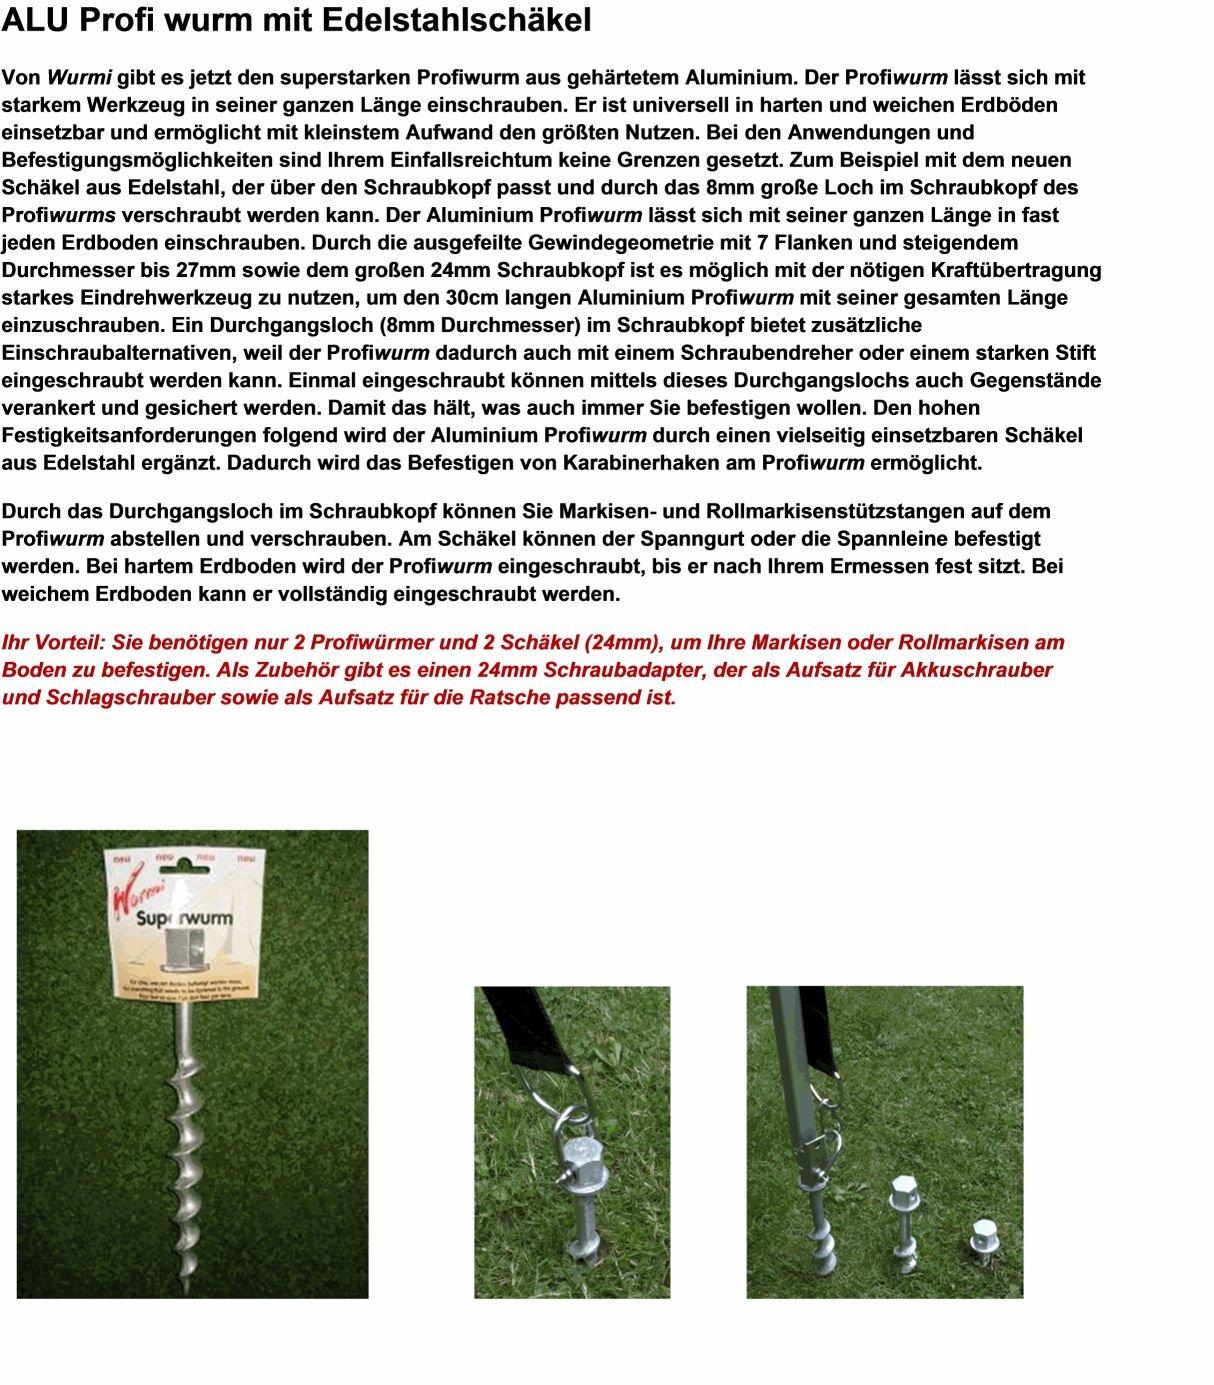 8 SPEZIAL GEHÄRTETE ZELTHERINGE + EDELSTAHLSCHÄKEL - 8 Stck. EDELSTAHLSCHÄKEL 24 mm Überkopf + 8 Stück gehärteter ALUMINIUM SCHRAUBHERING 30 cm - ZELTHERING - SPEZIAL ALUMINIUM - Holly ® Produkte STABIELO ® - DER ALU WURMI ® - Wurmi-produkte ® für CAMPING-CARAVAN-OUTDOOR-FREIZEiT - MADE in GERMANY - LANGZEIT-TEST bestanden - holly-sunshade ®